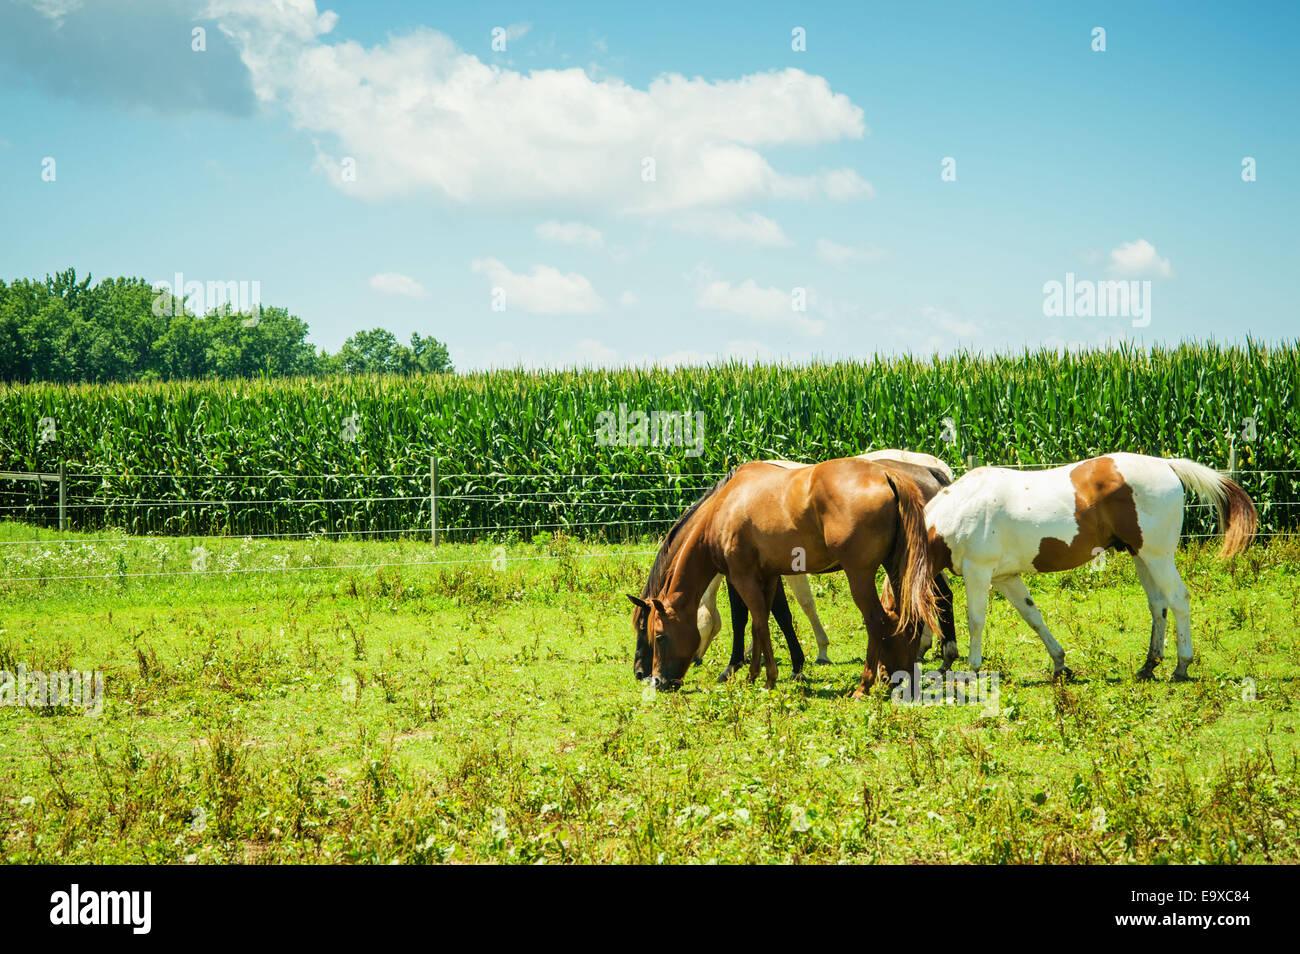 Cavalli al pascolo in un pascolo accanto a un campo di mais; Centreville, Maryland, Stati Uniti d'America Immagini Stock